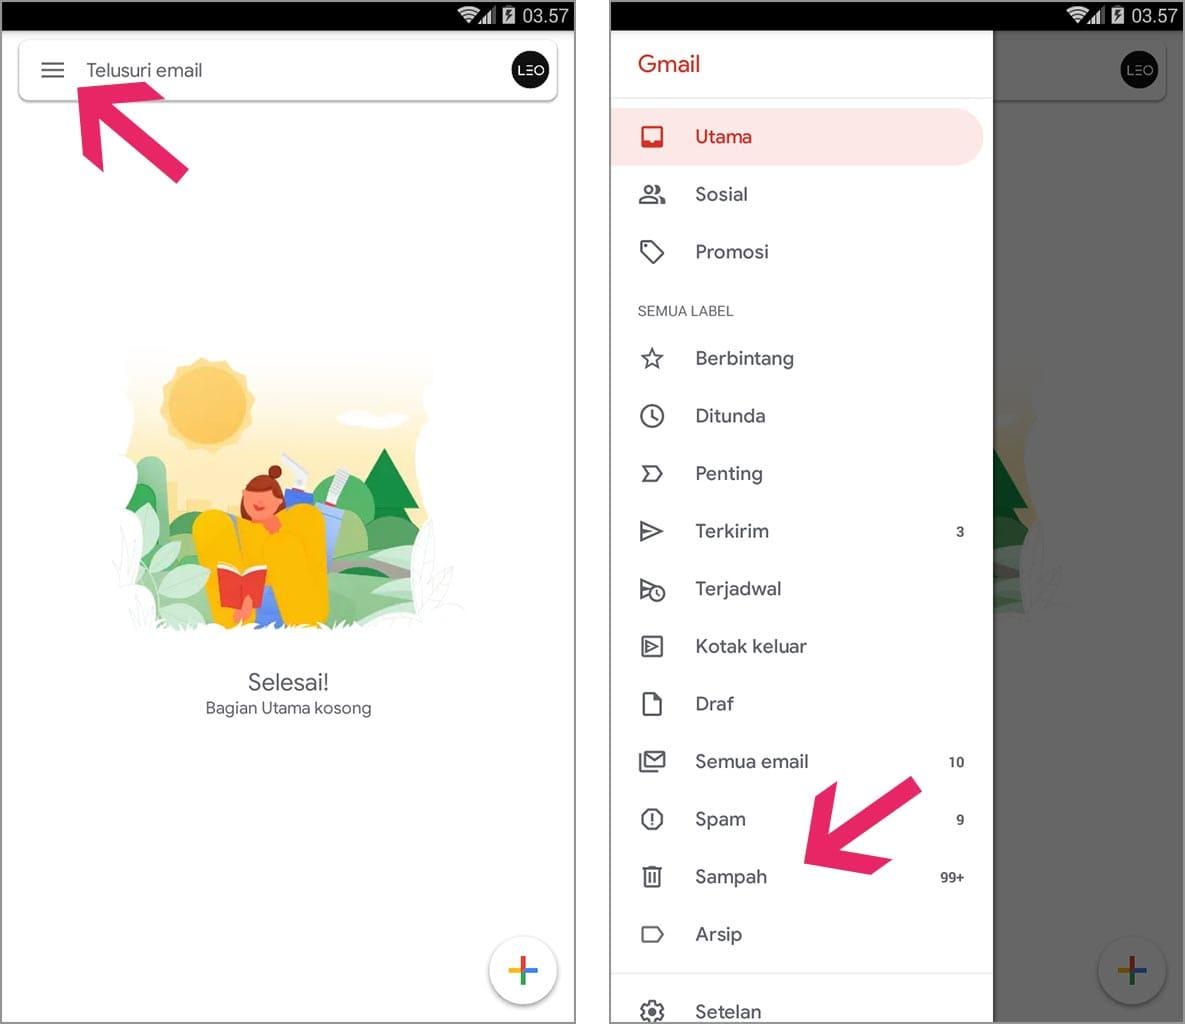 Lihat Cara Mencari Email Yang Hilang Di Gmail Terbaru